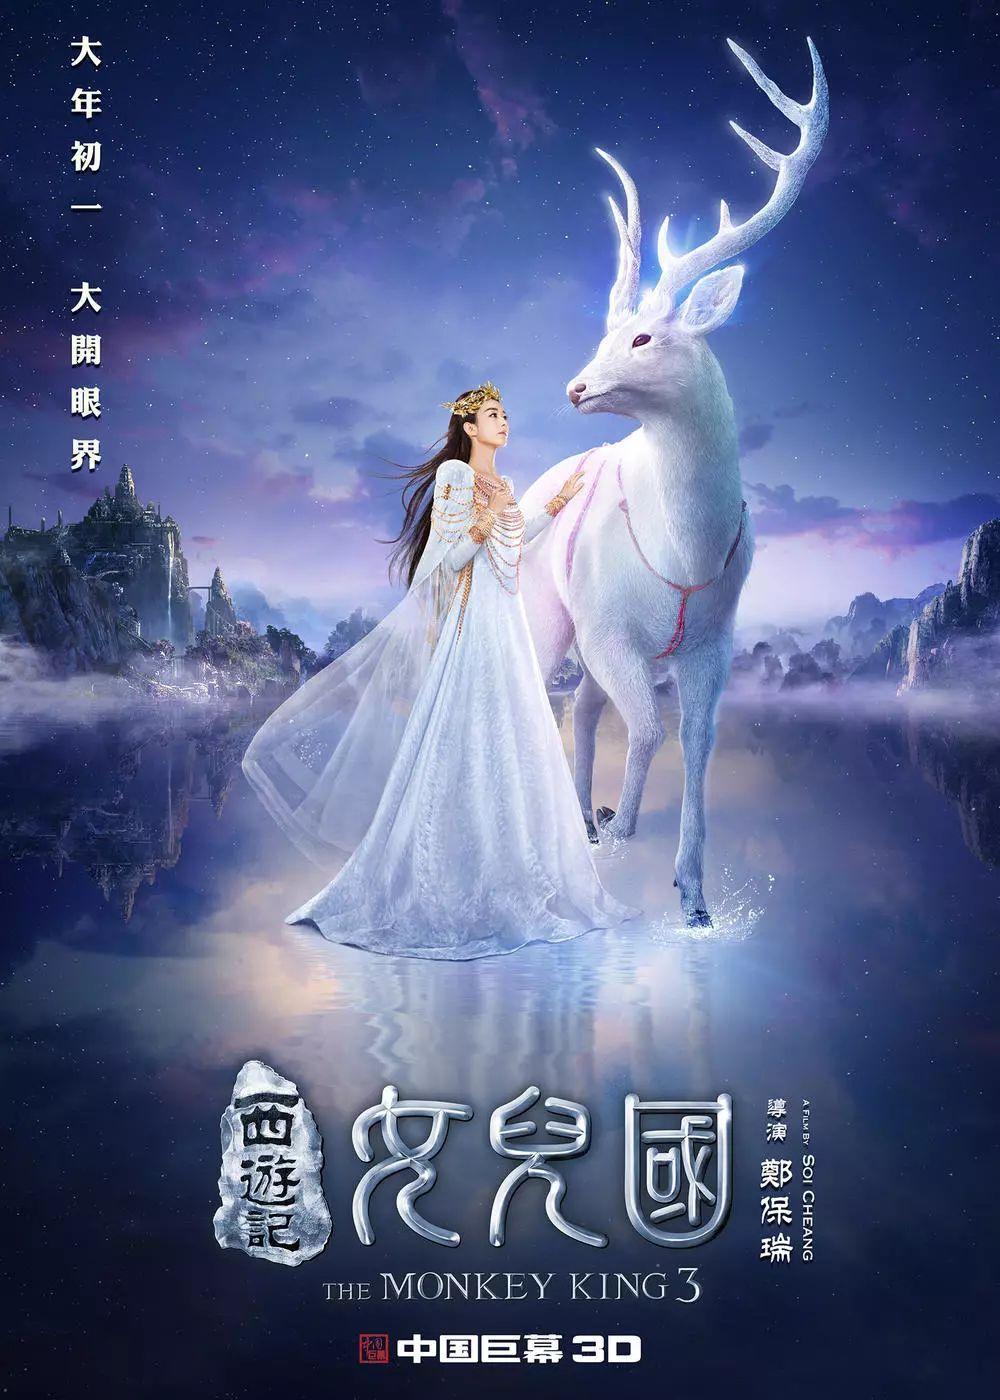 西游记女儿国 奇美世界鹿人皆知 千万特效打造东方神鹿护国王赵丽颖